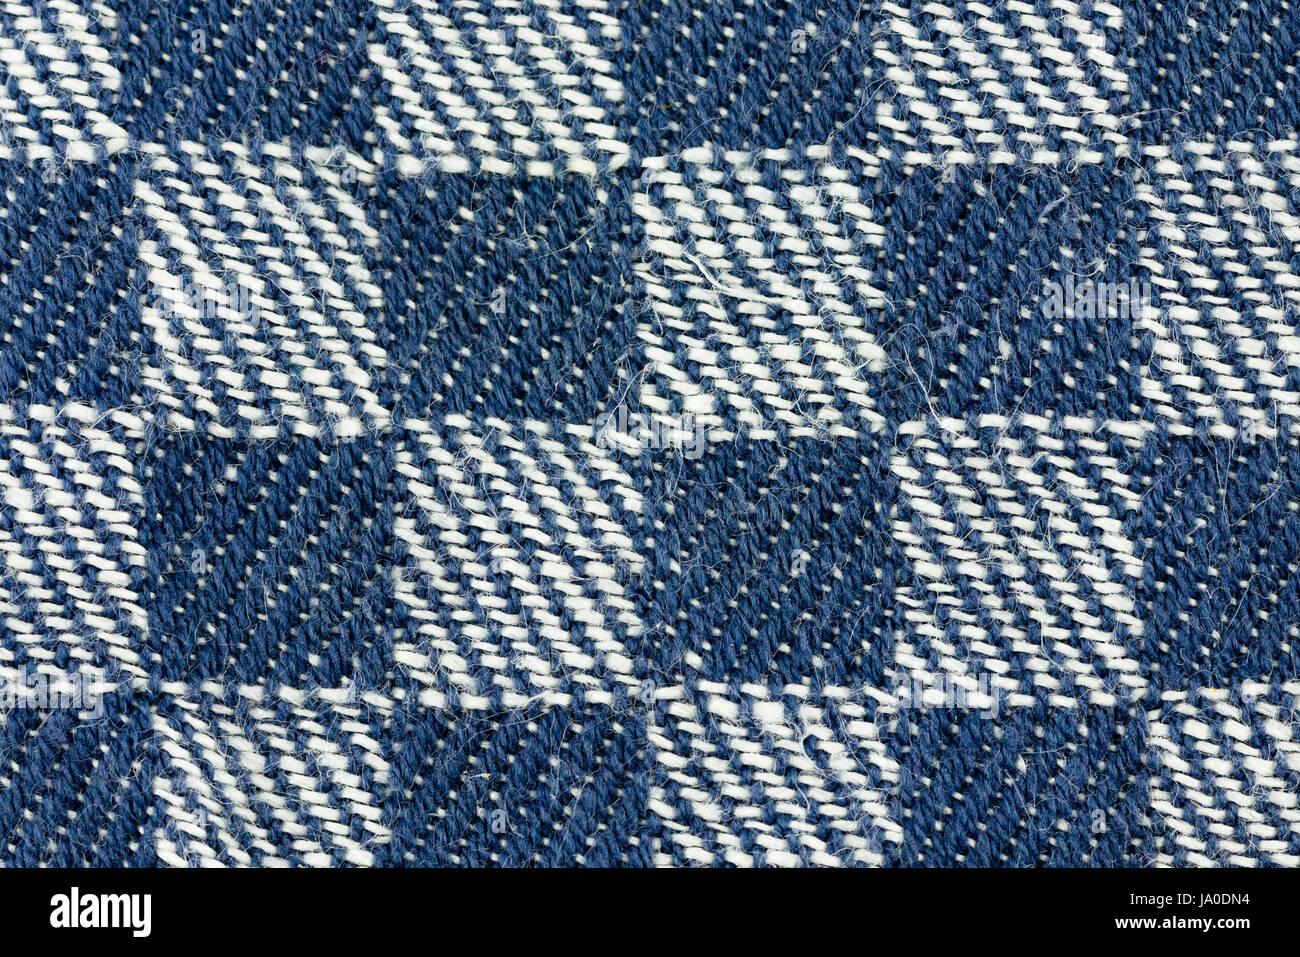 Nahaufnahme eines blauen quadratischen weißen detaillierte Strukturstoff patte Stockbild